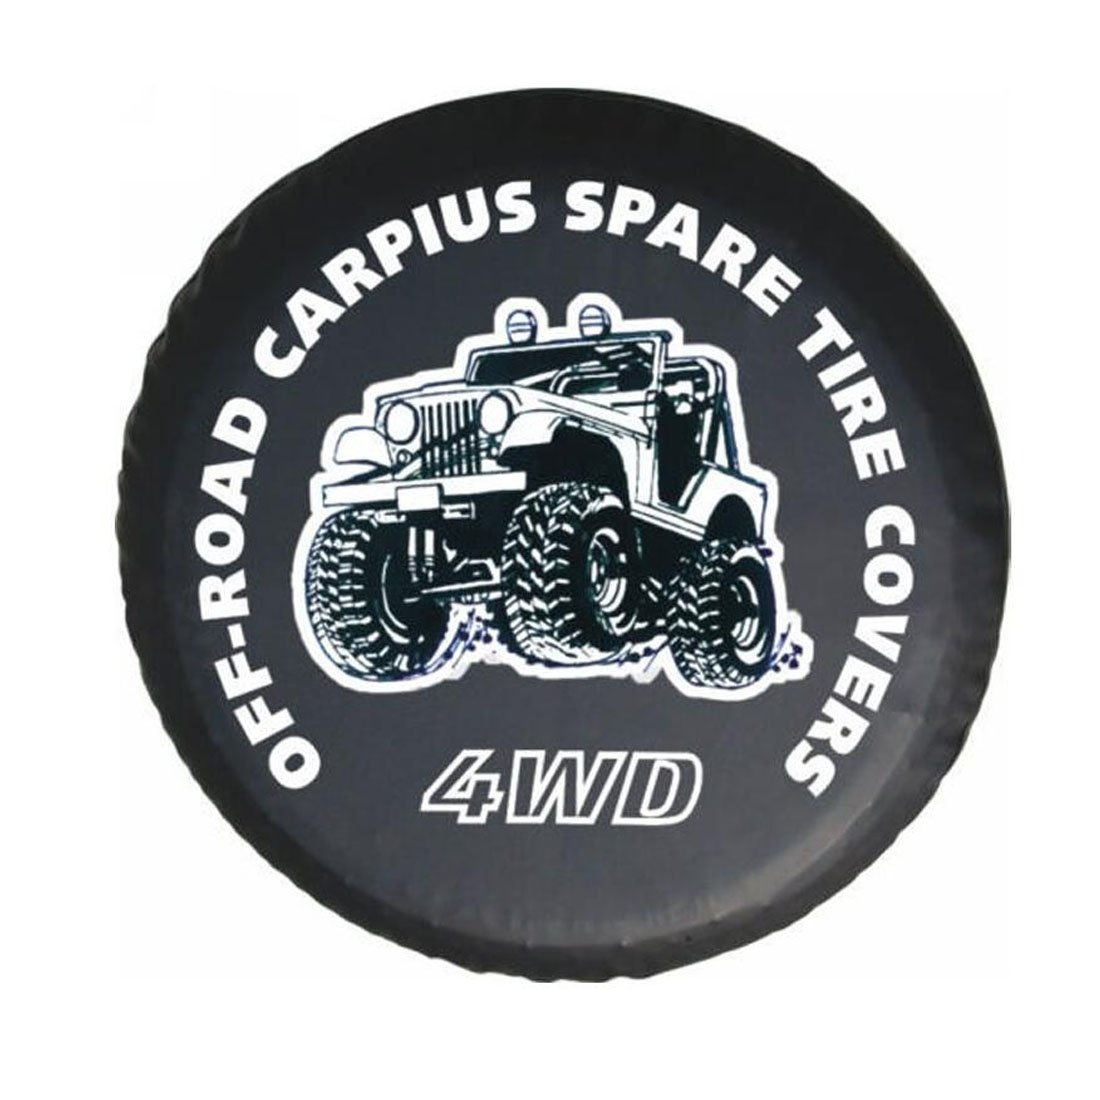 Auto pneumatico di ricambio di schermo scorta del pneumatico auto copertura Pneus de carro ruota di scorta nero PU rimorchio Leather Car styling nero 4 WD 14 15 16 17 1 x RGAta